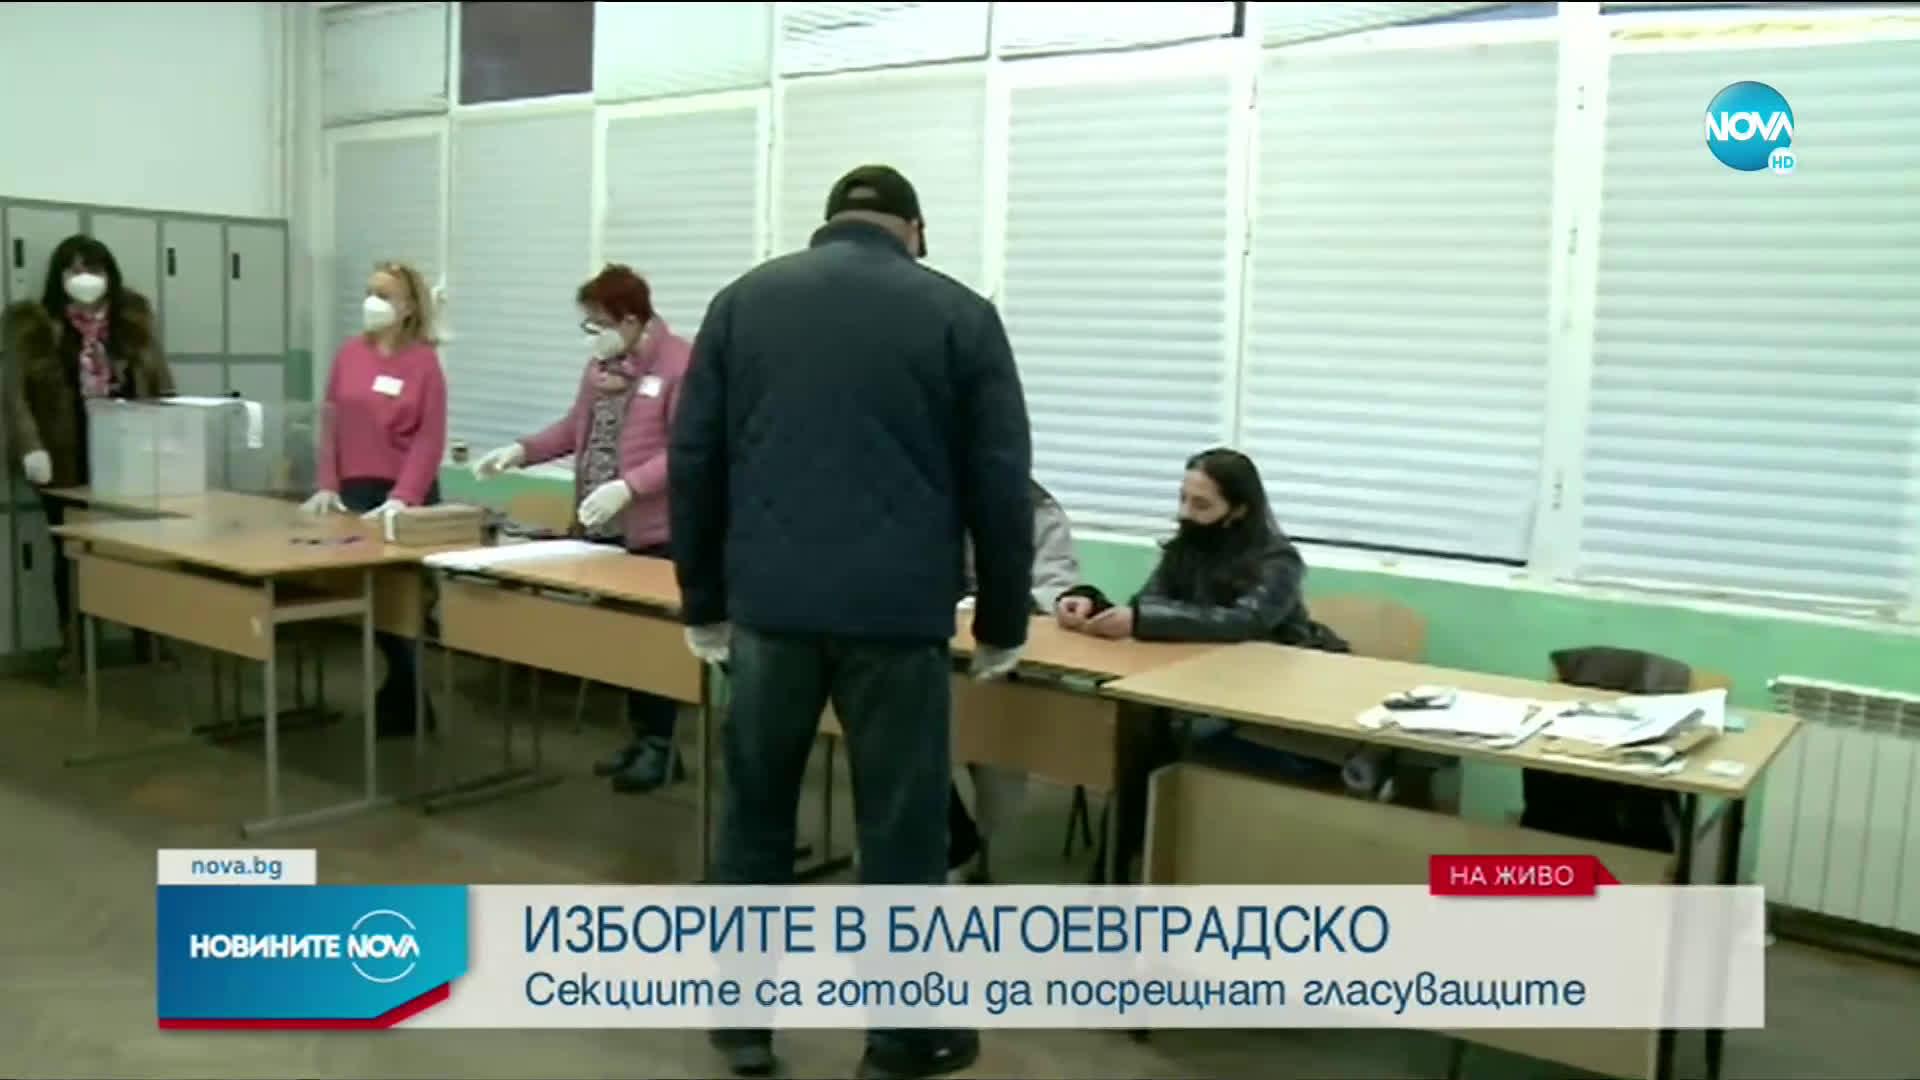 ИЗБОРИТЕ В БЛАГОЕВГРАДСКО: Секциите са готови да посрещнат гласуващите